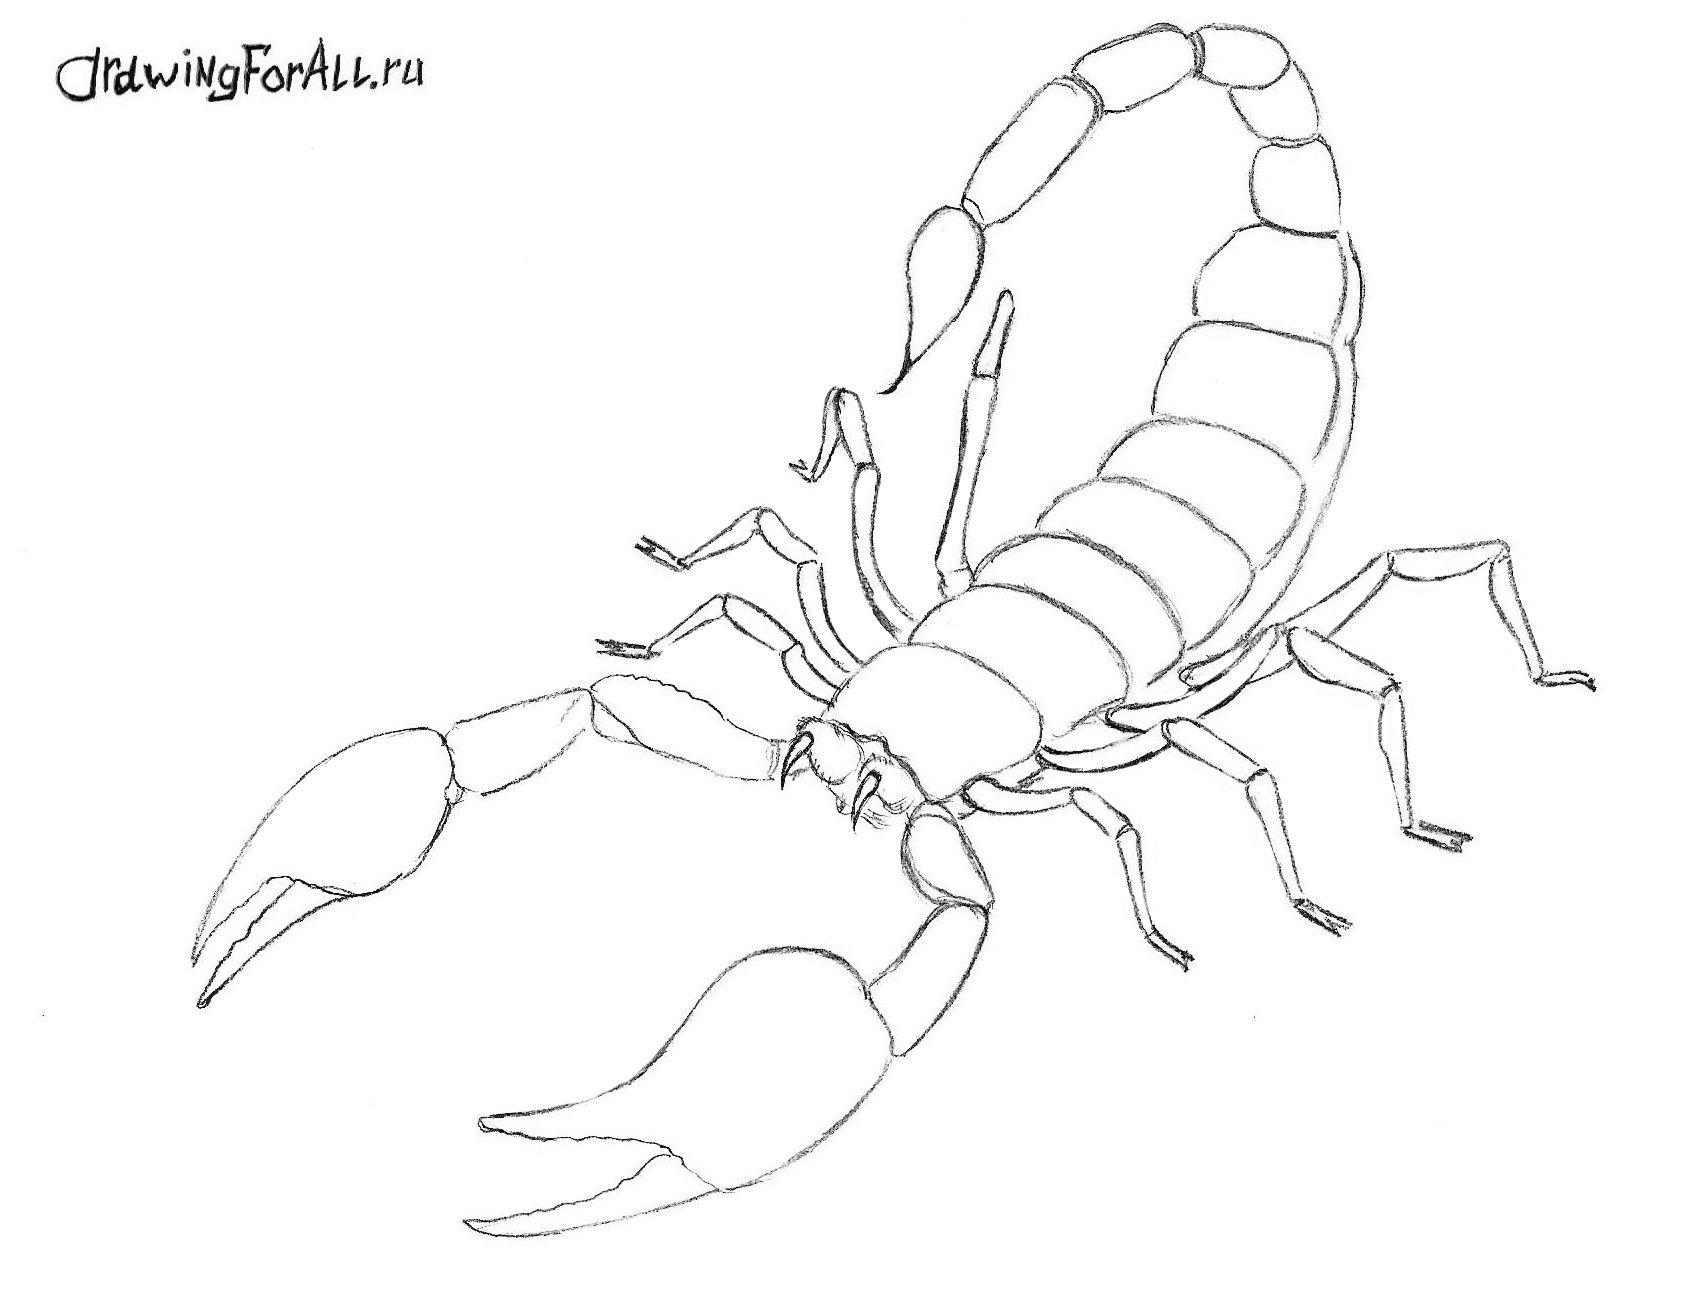 Kak Narisovat Skorpiona Risunki Zhivotnyh Skorpion Risunki